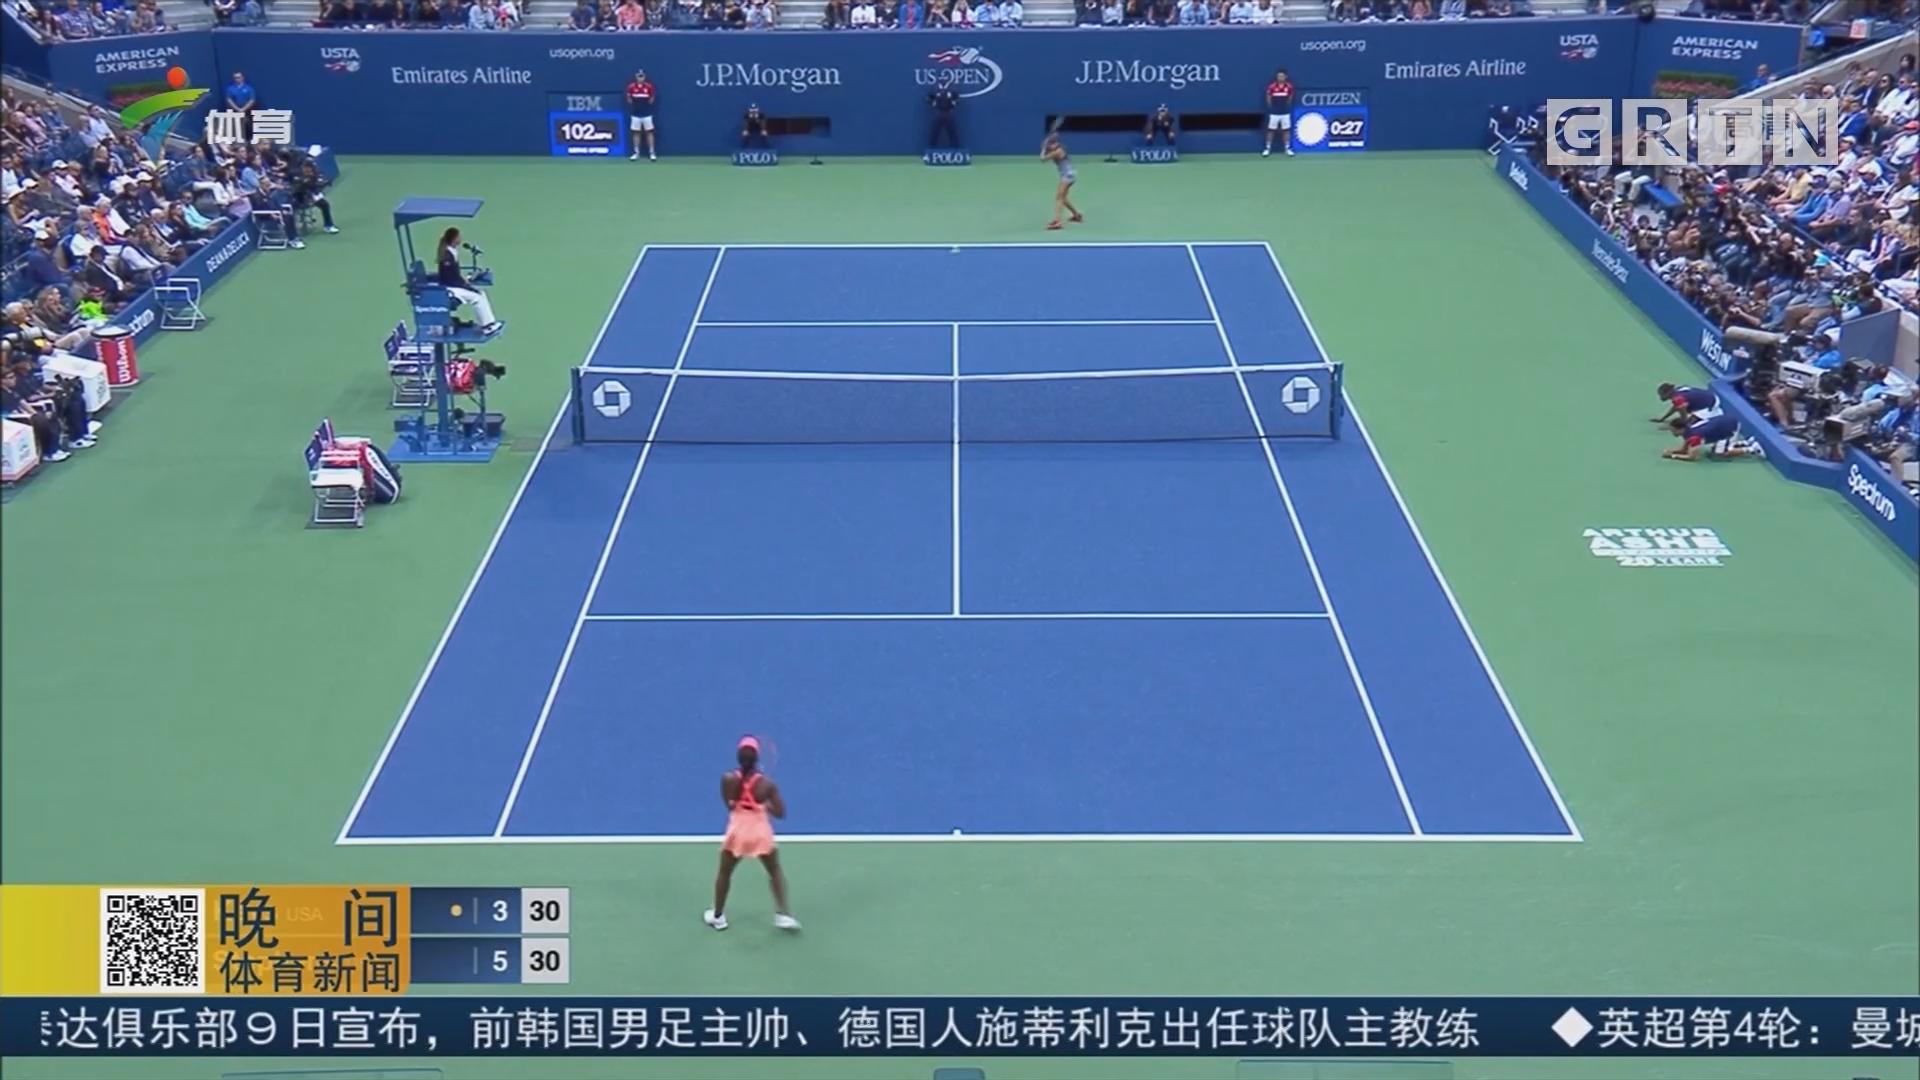 美网斯蒂文斯横扫同胞 生涯首夺大满贯冠军